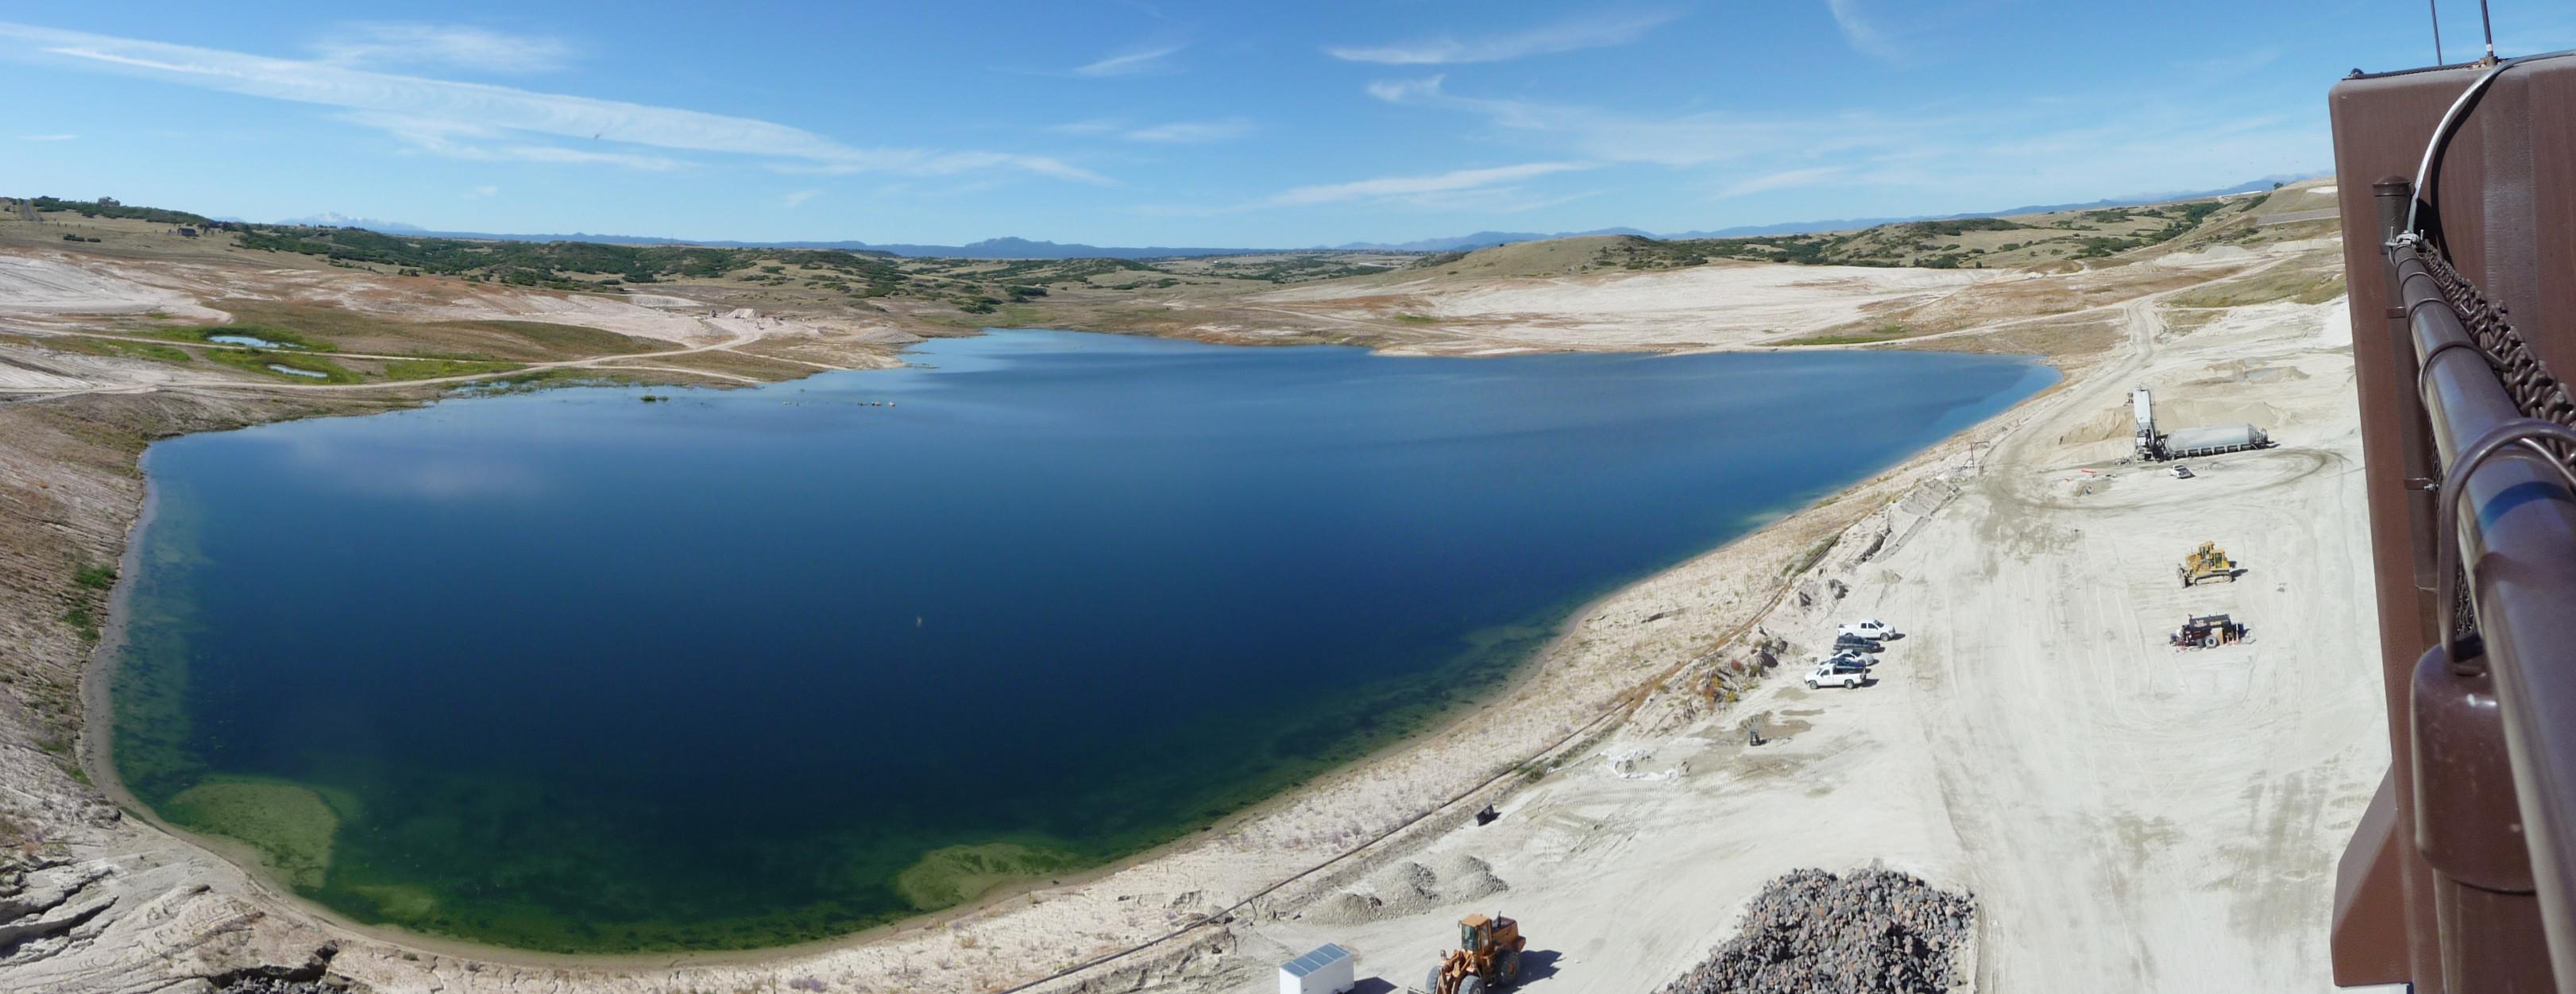 Rueter Hess reservoir Parker CO September 2011